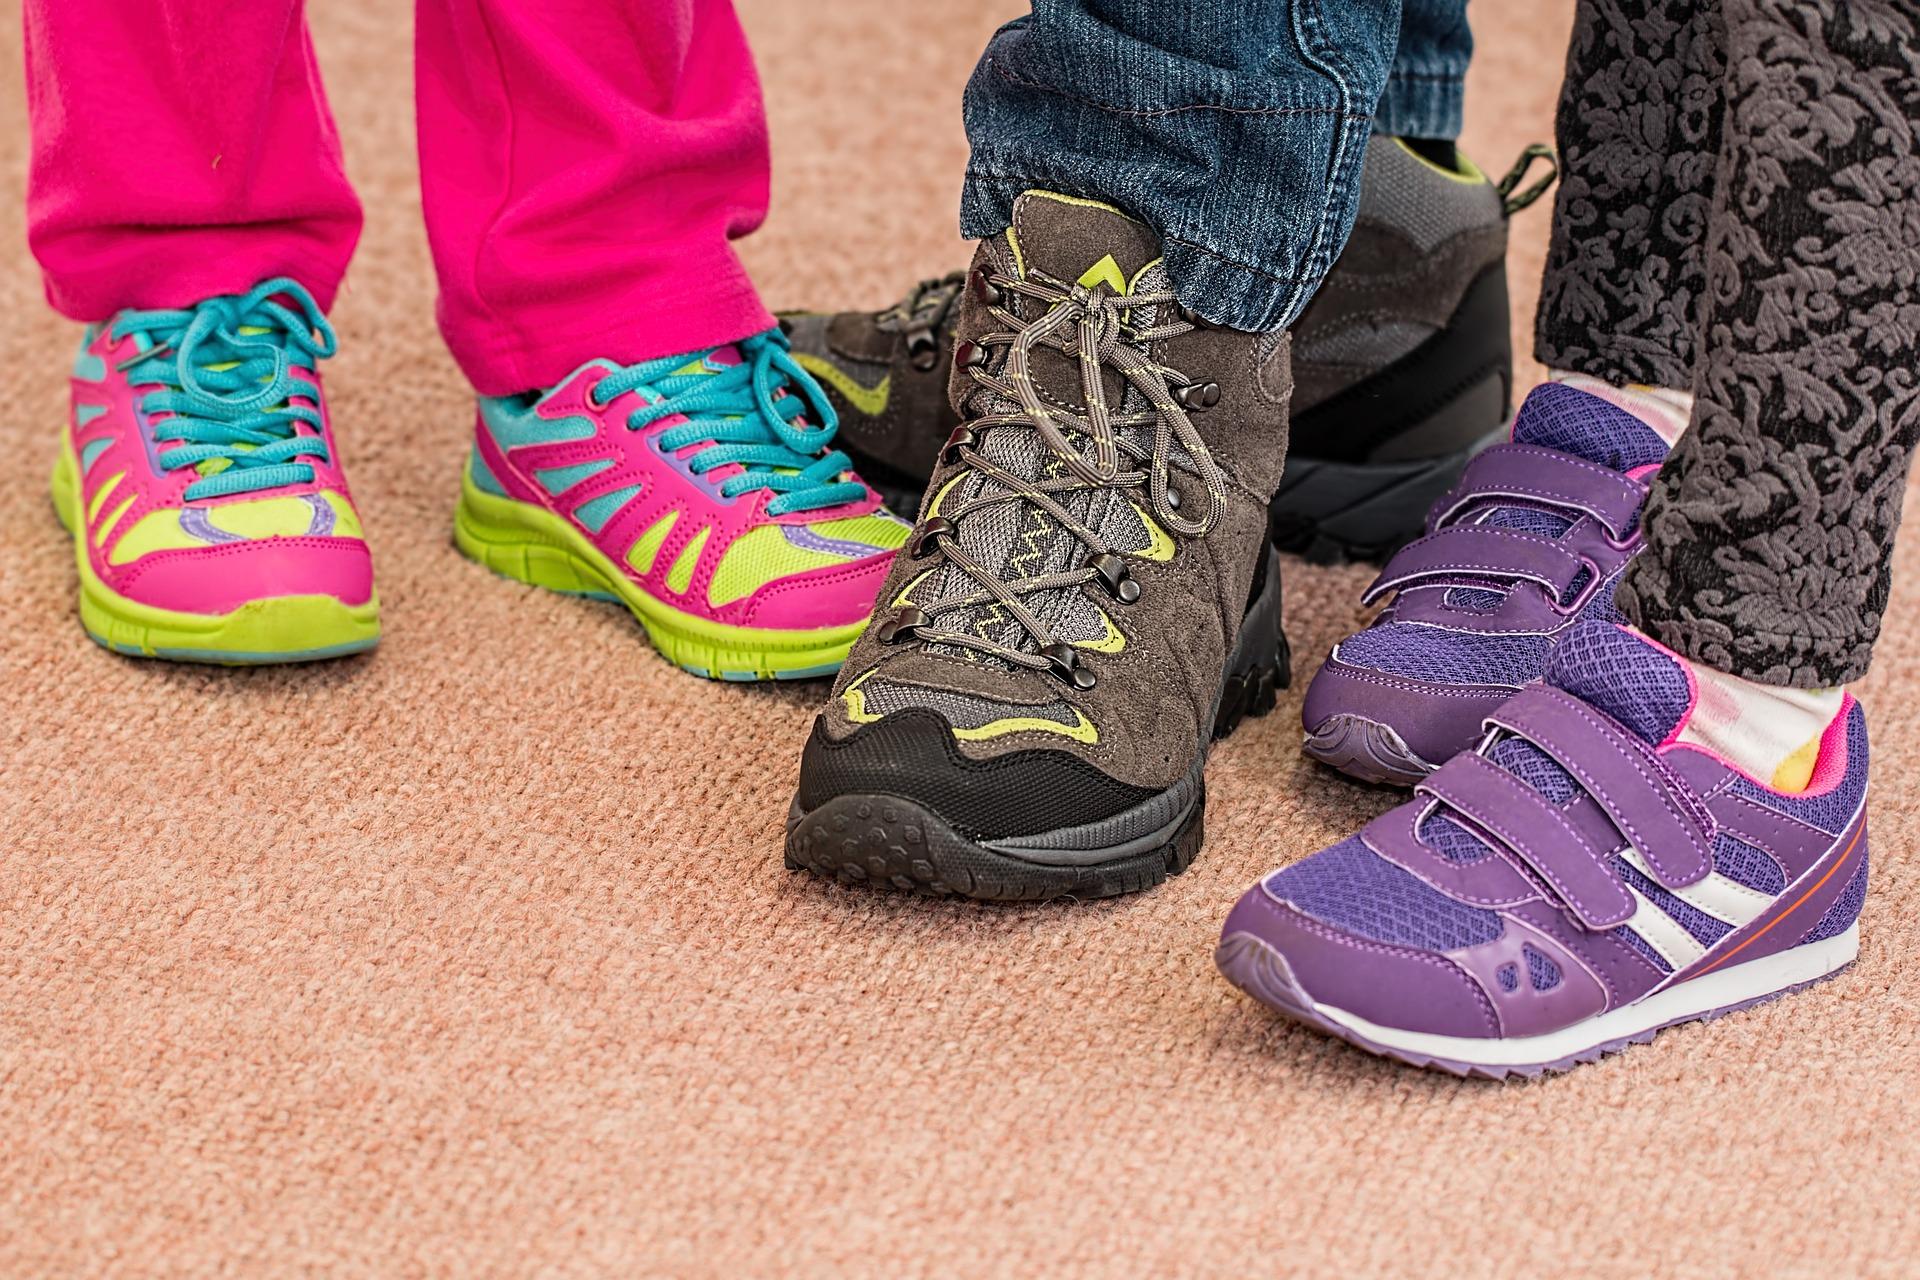 gyermekeim3_childrens-shoes-700069_1920